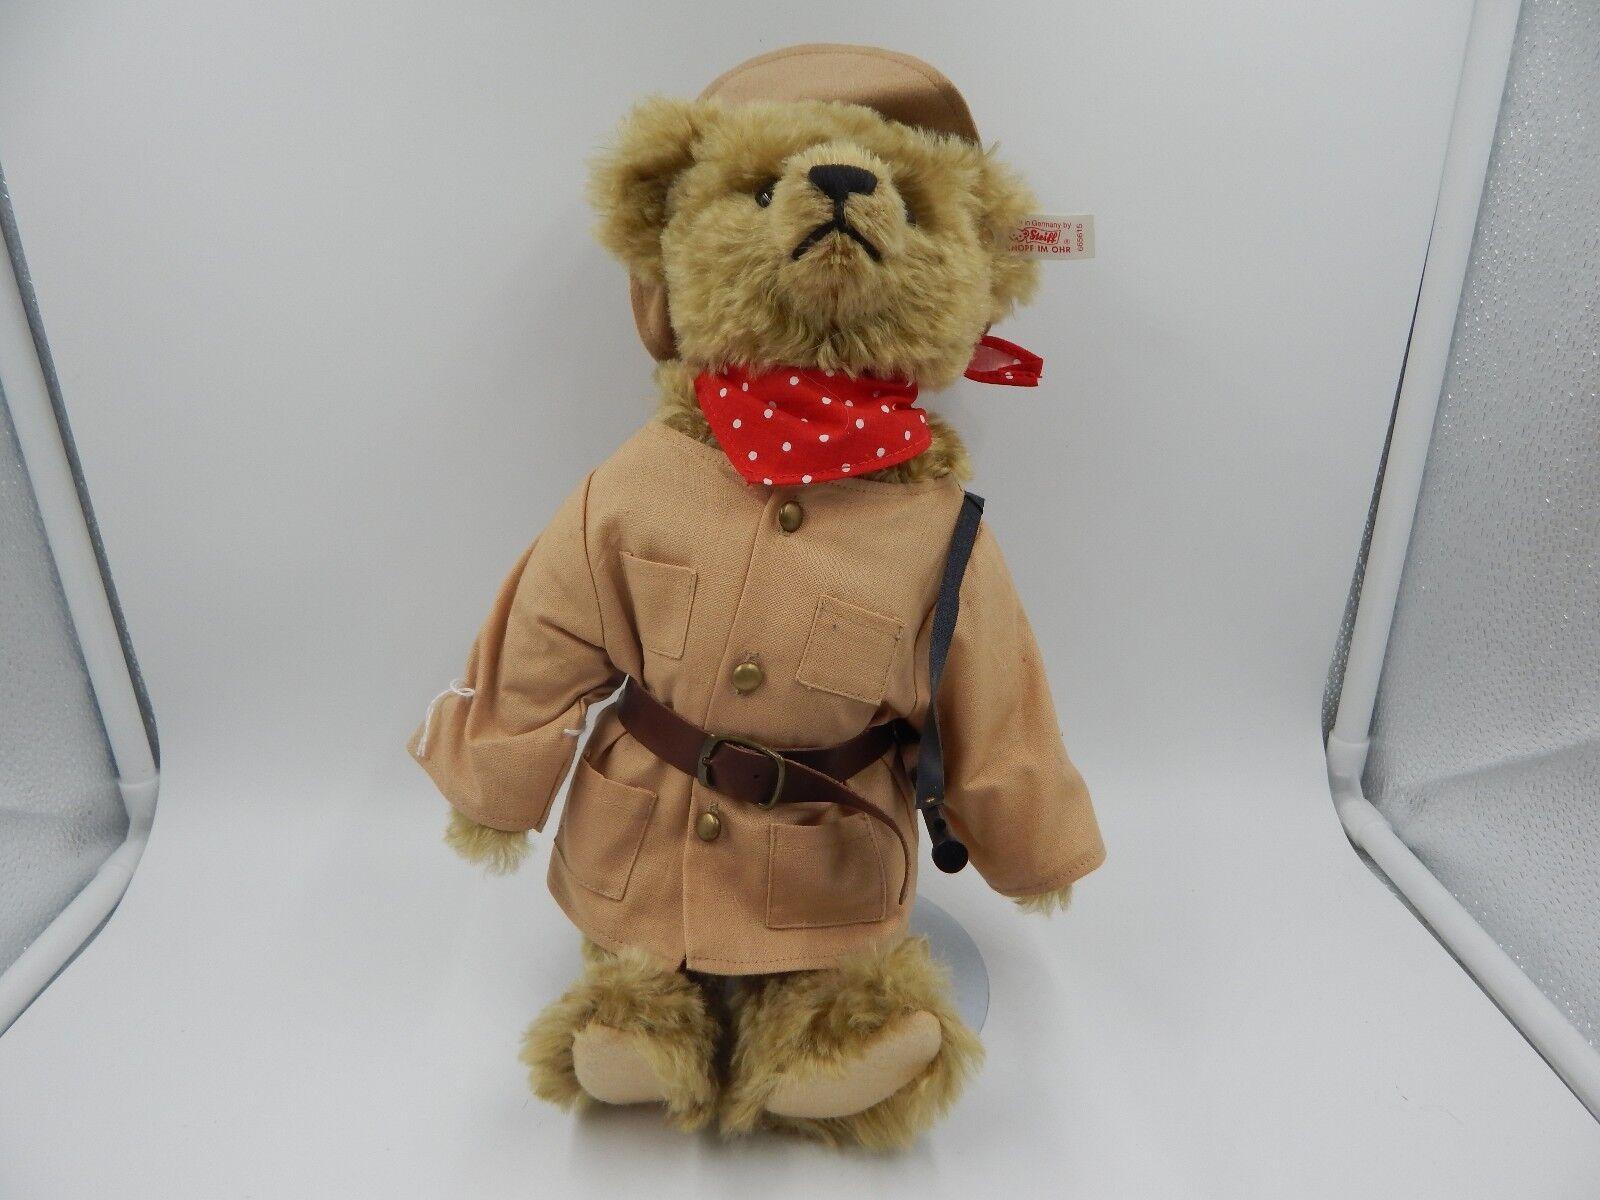 Steiff Teddy Roosevelt Teddy Bear Limited Edition 12